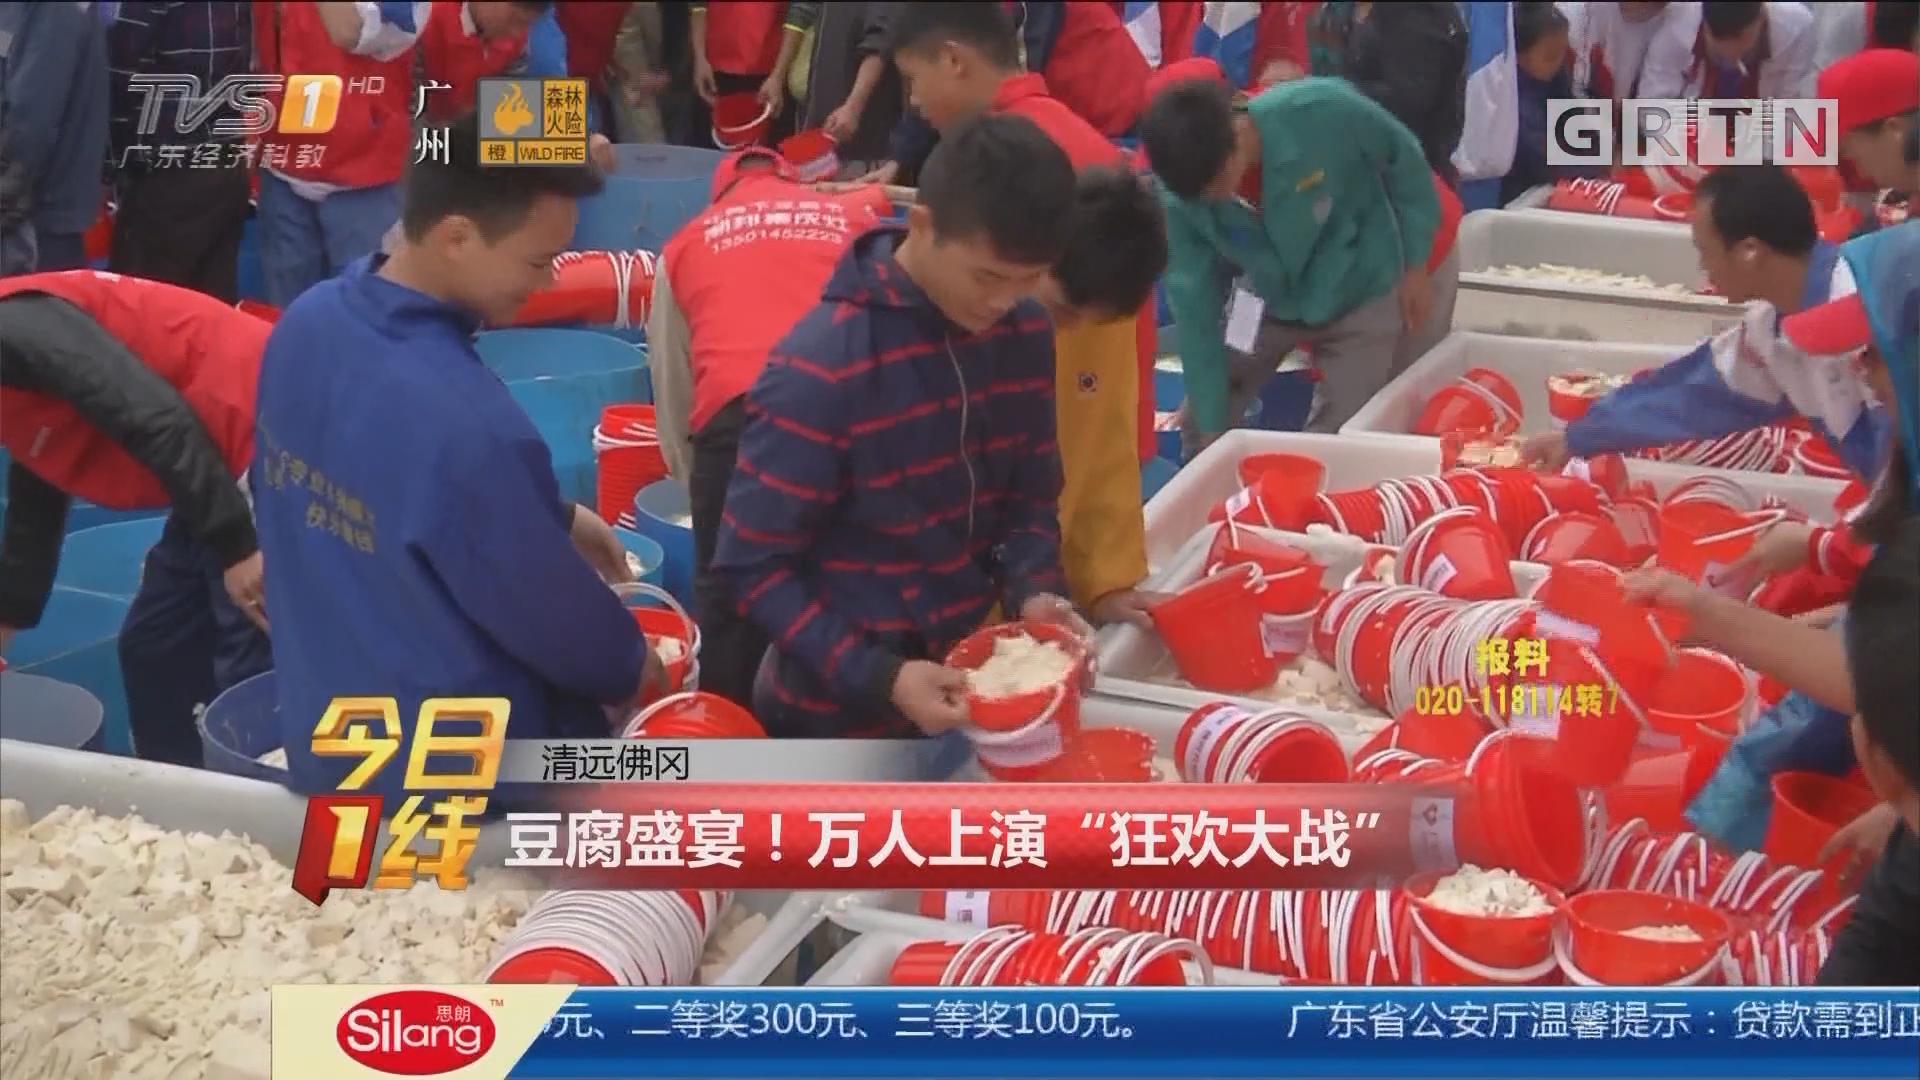 """清远佛冈:豆腐盛宴!万人上演""""狂欢大战"""""""